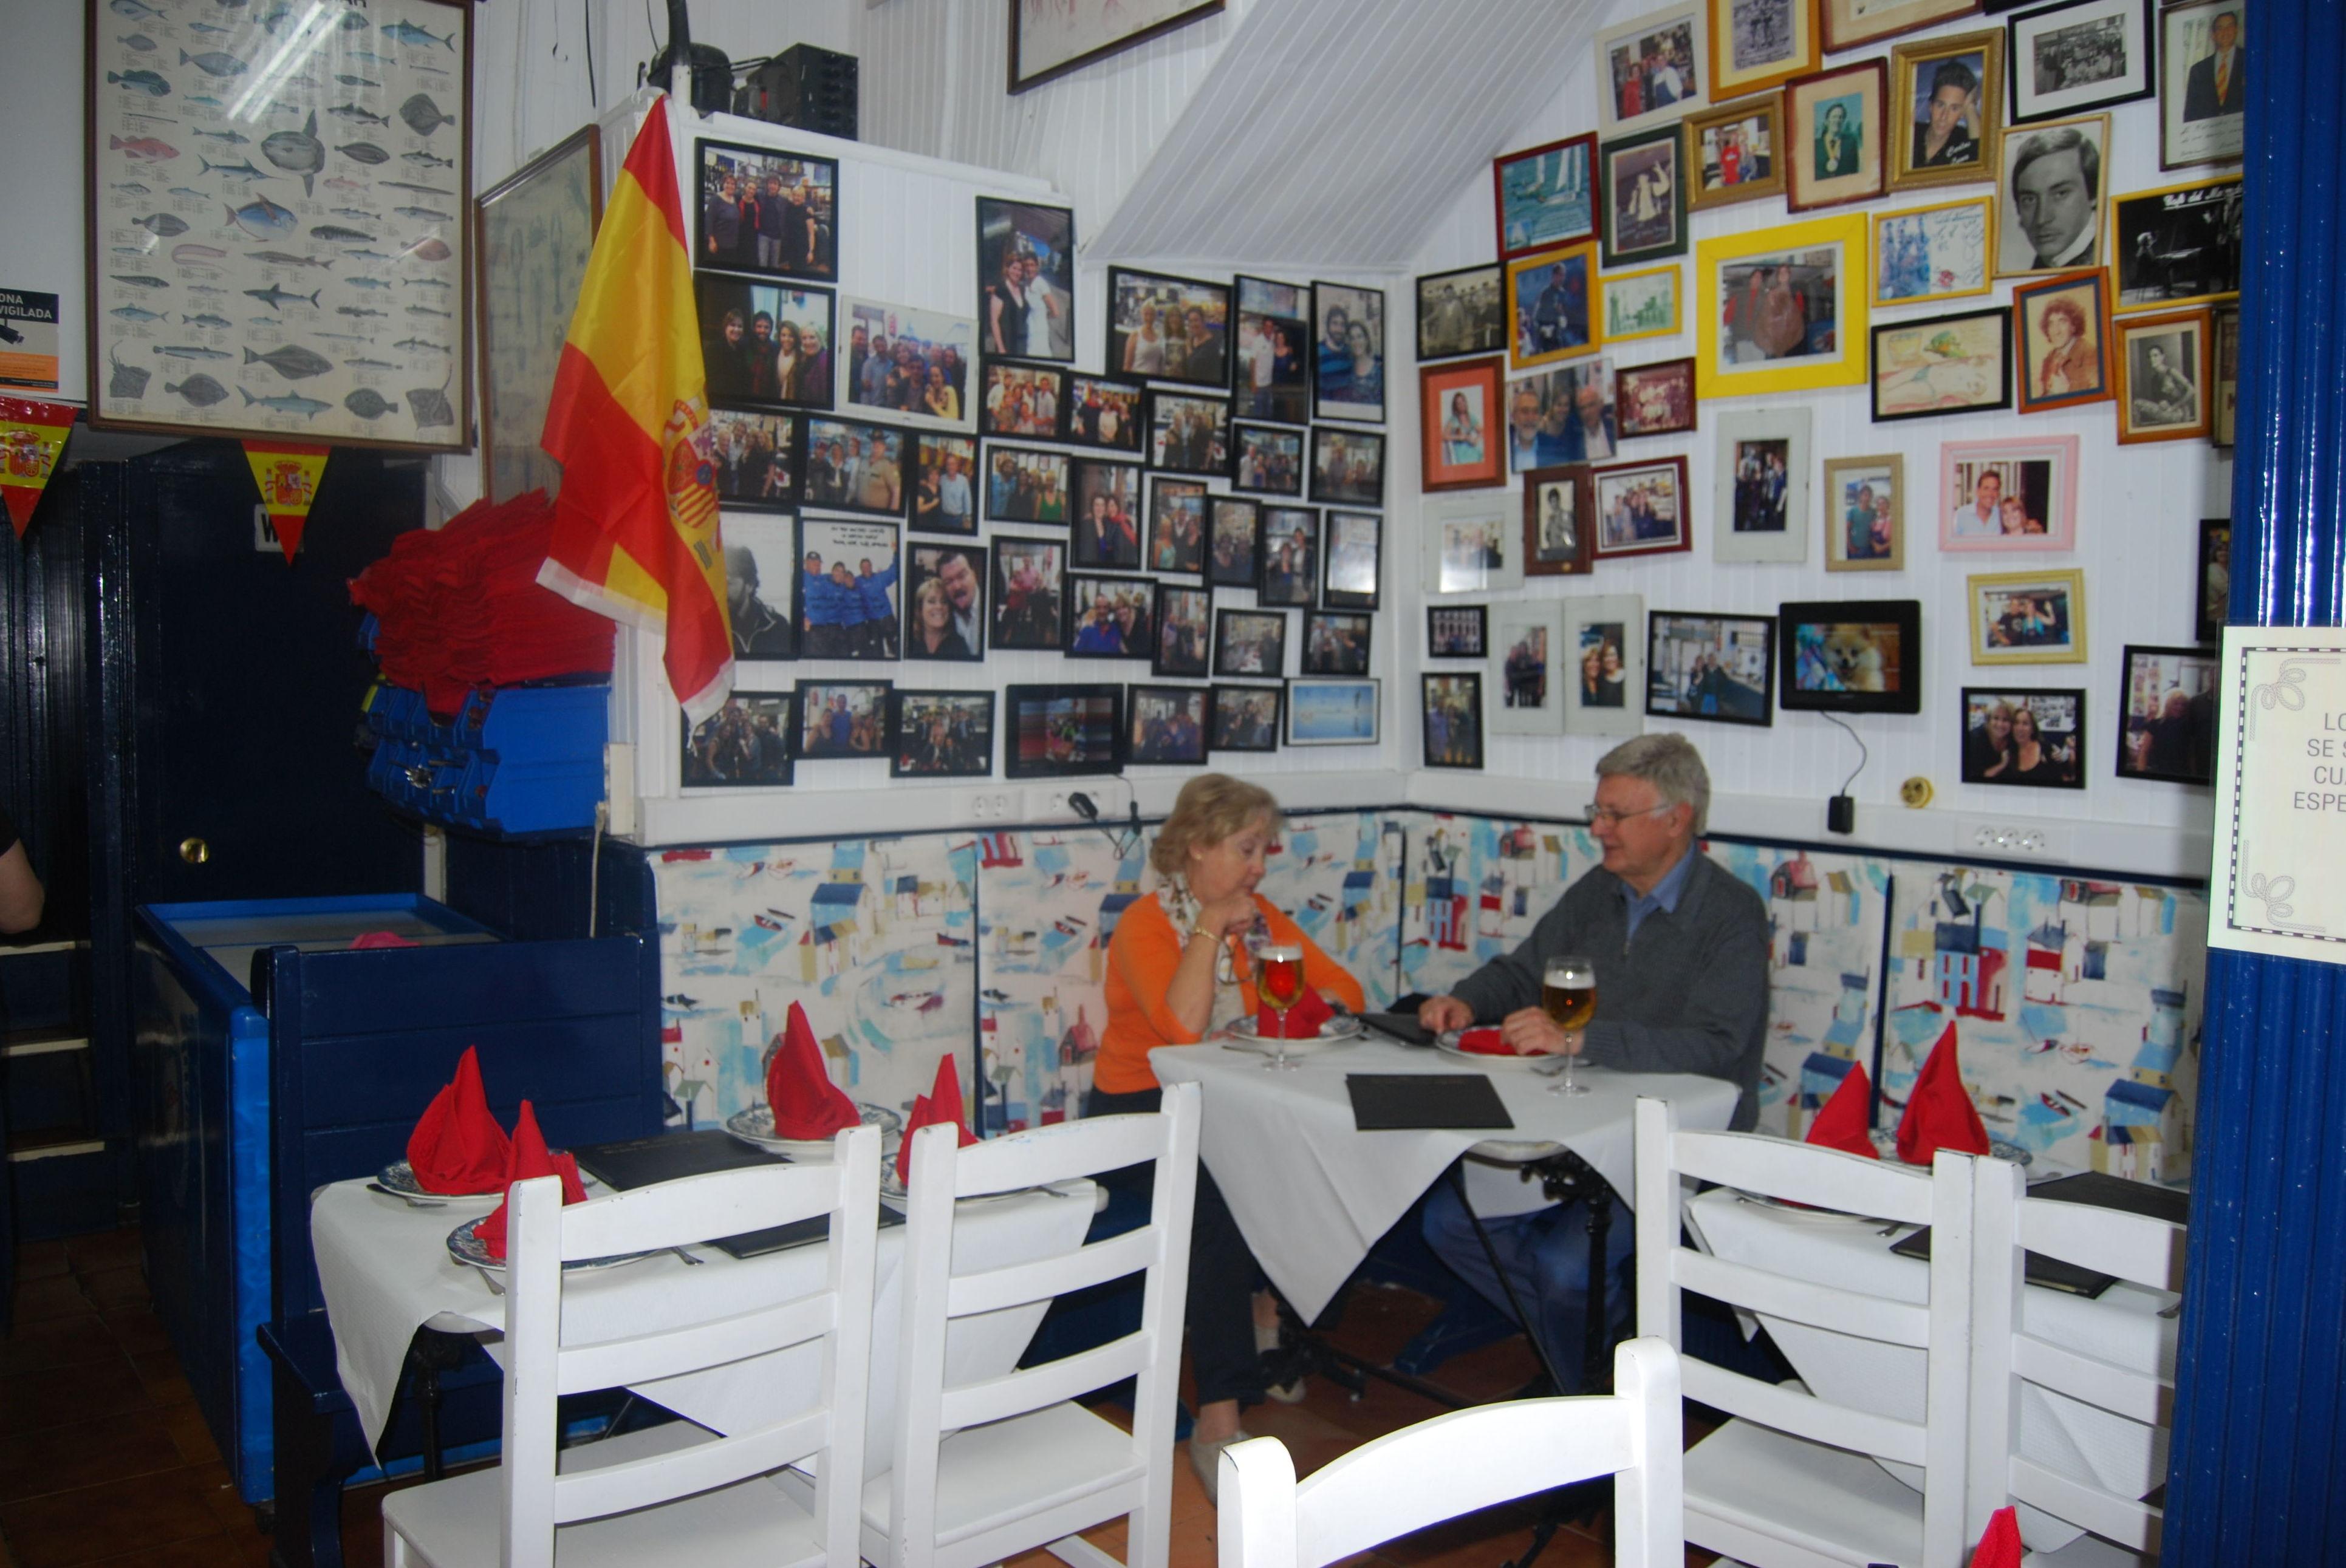 Foto 20 de Cocina marinera en Santander | Marucho